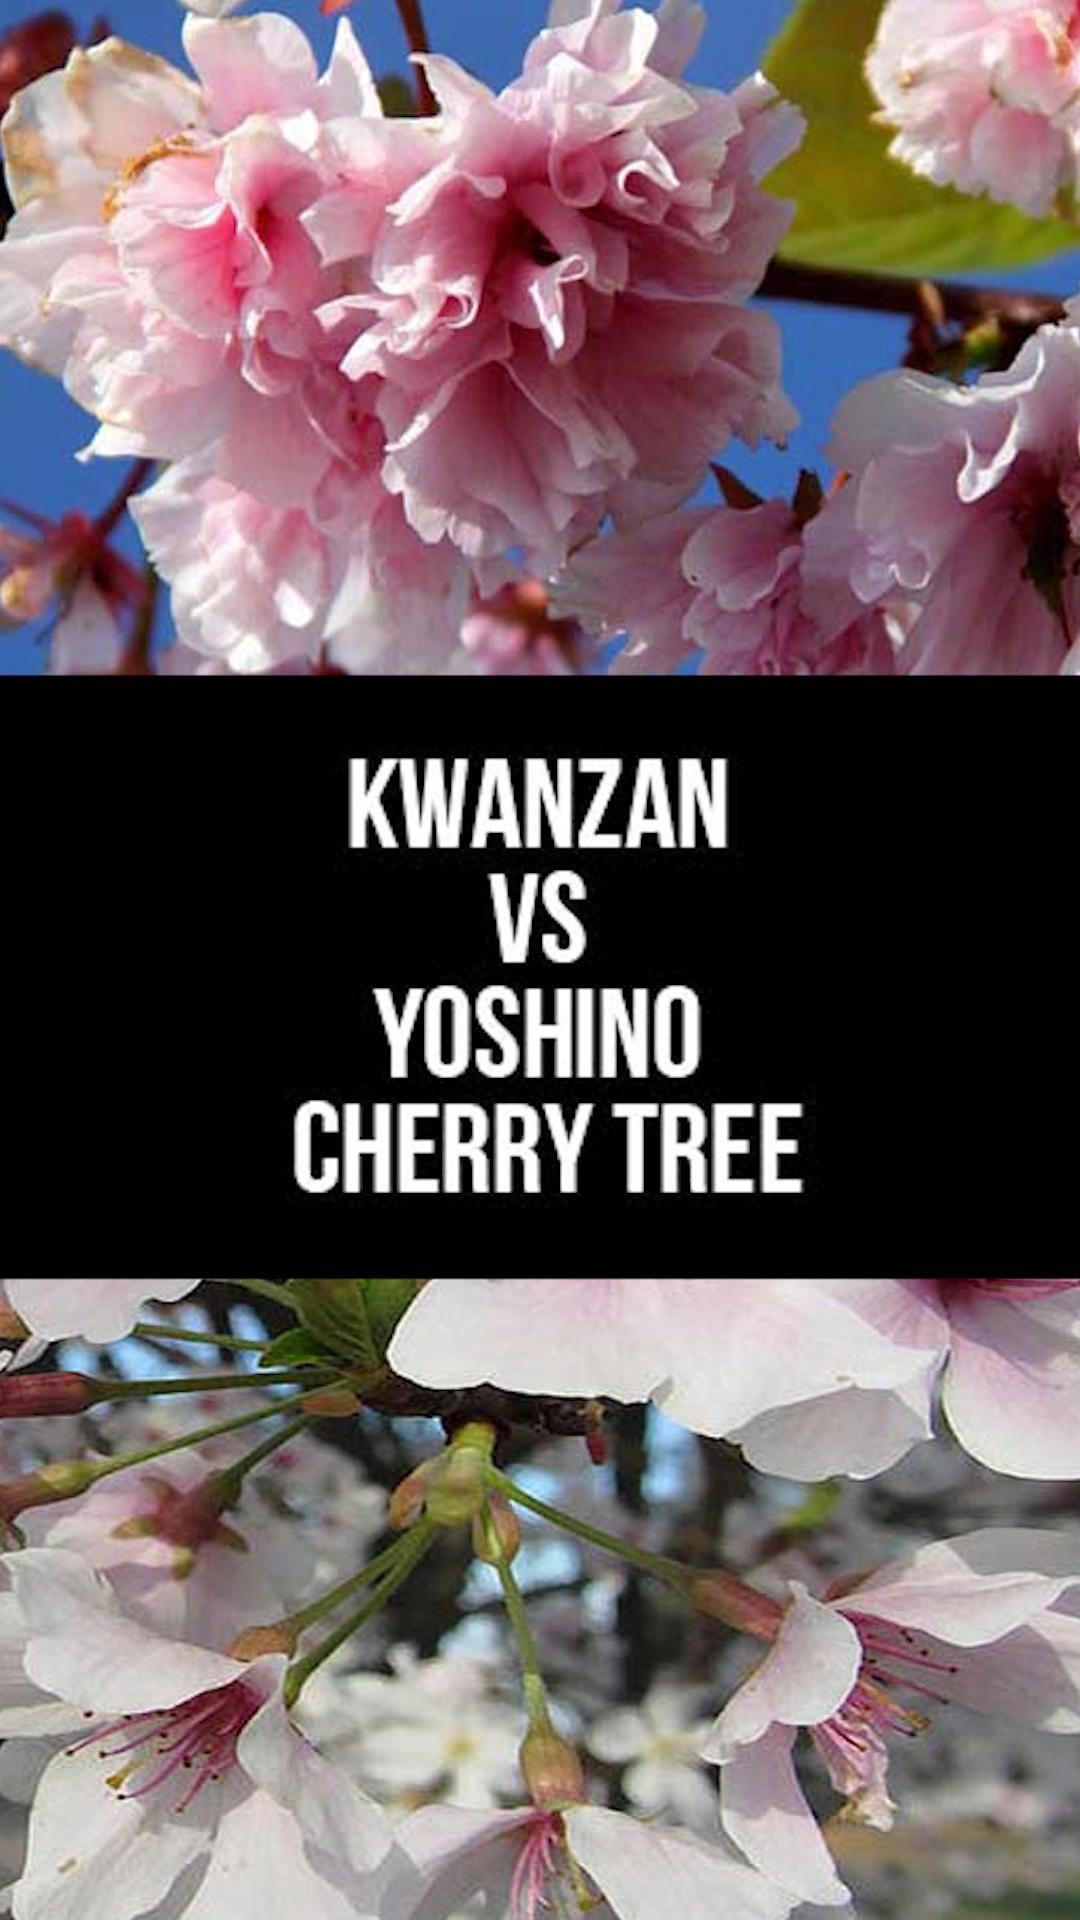 Kwanzan Vs Yoshino Cherry Tree What To Choose Video Yoshino Cherry Tree Flowering Cherry Tree Cherry Trees Garden